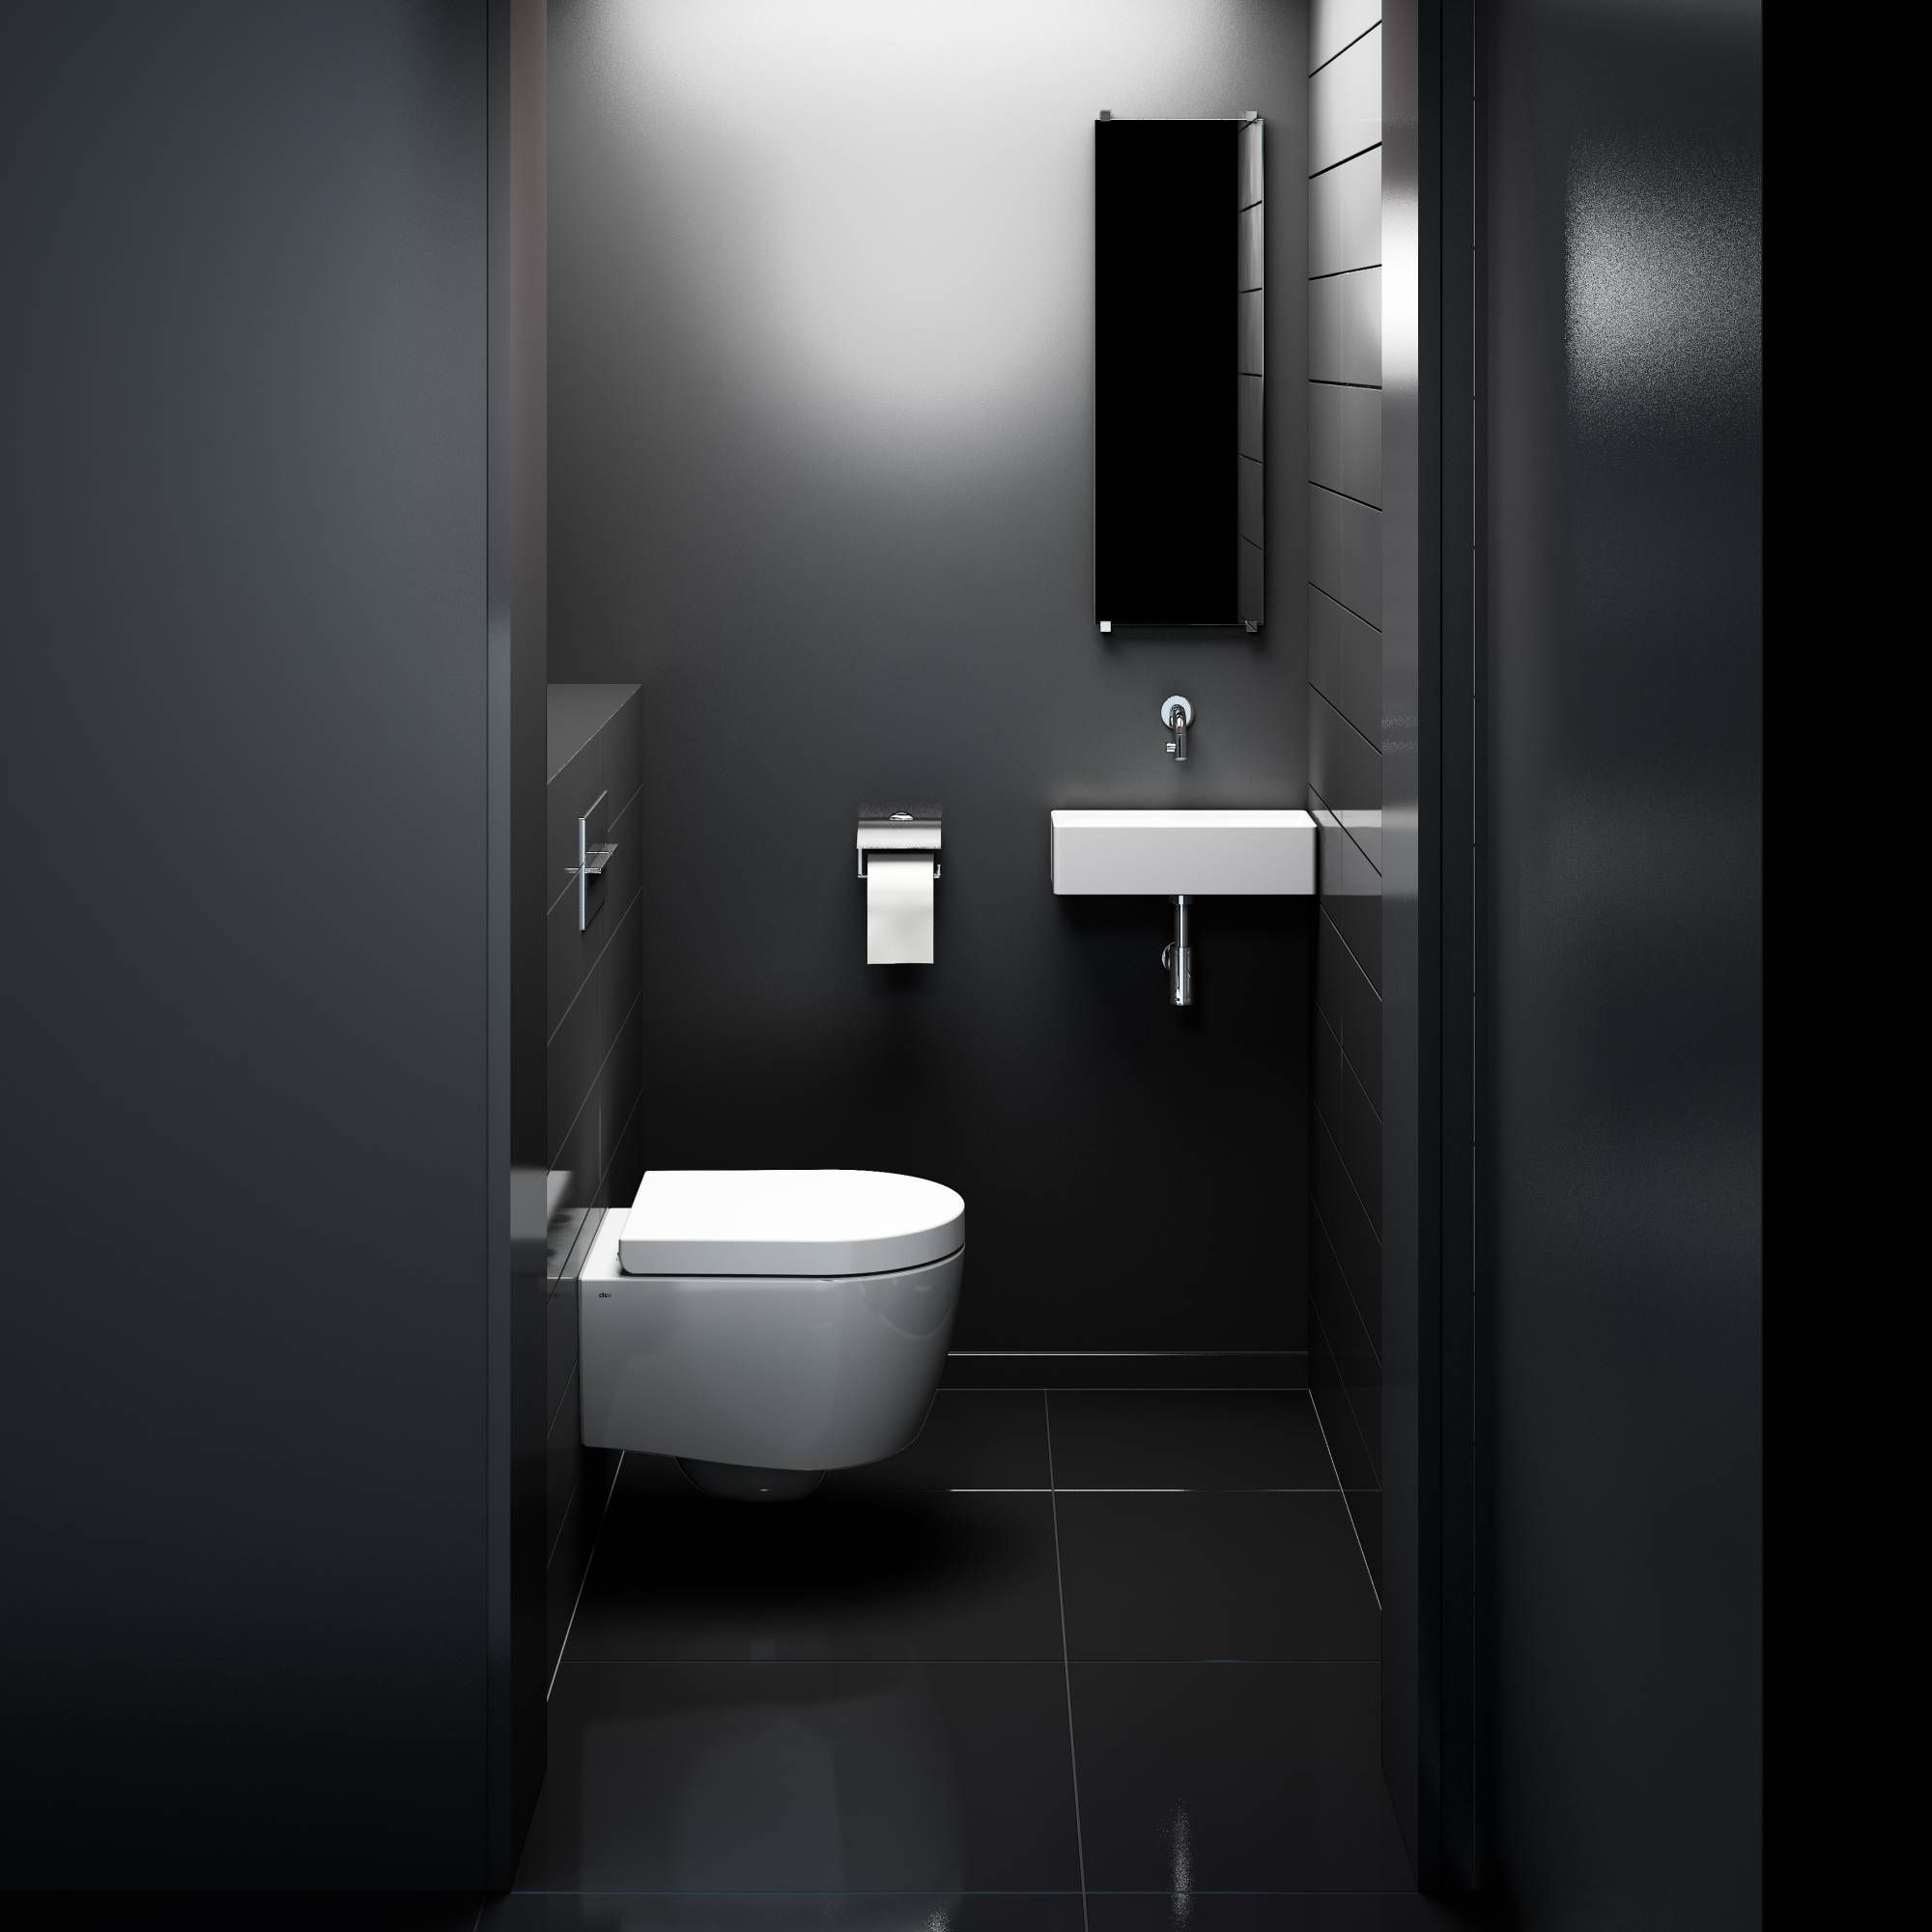 Zwarte badkamers zijn helemaal de trend. Lees hier meer over zwarte ...